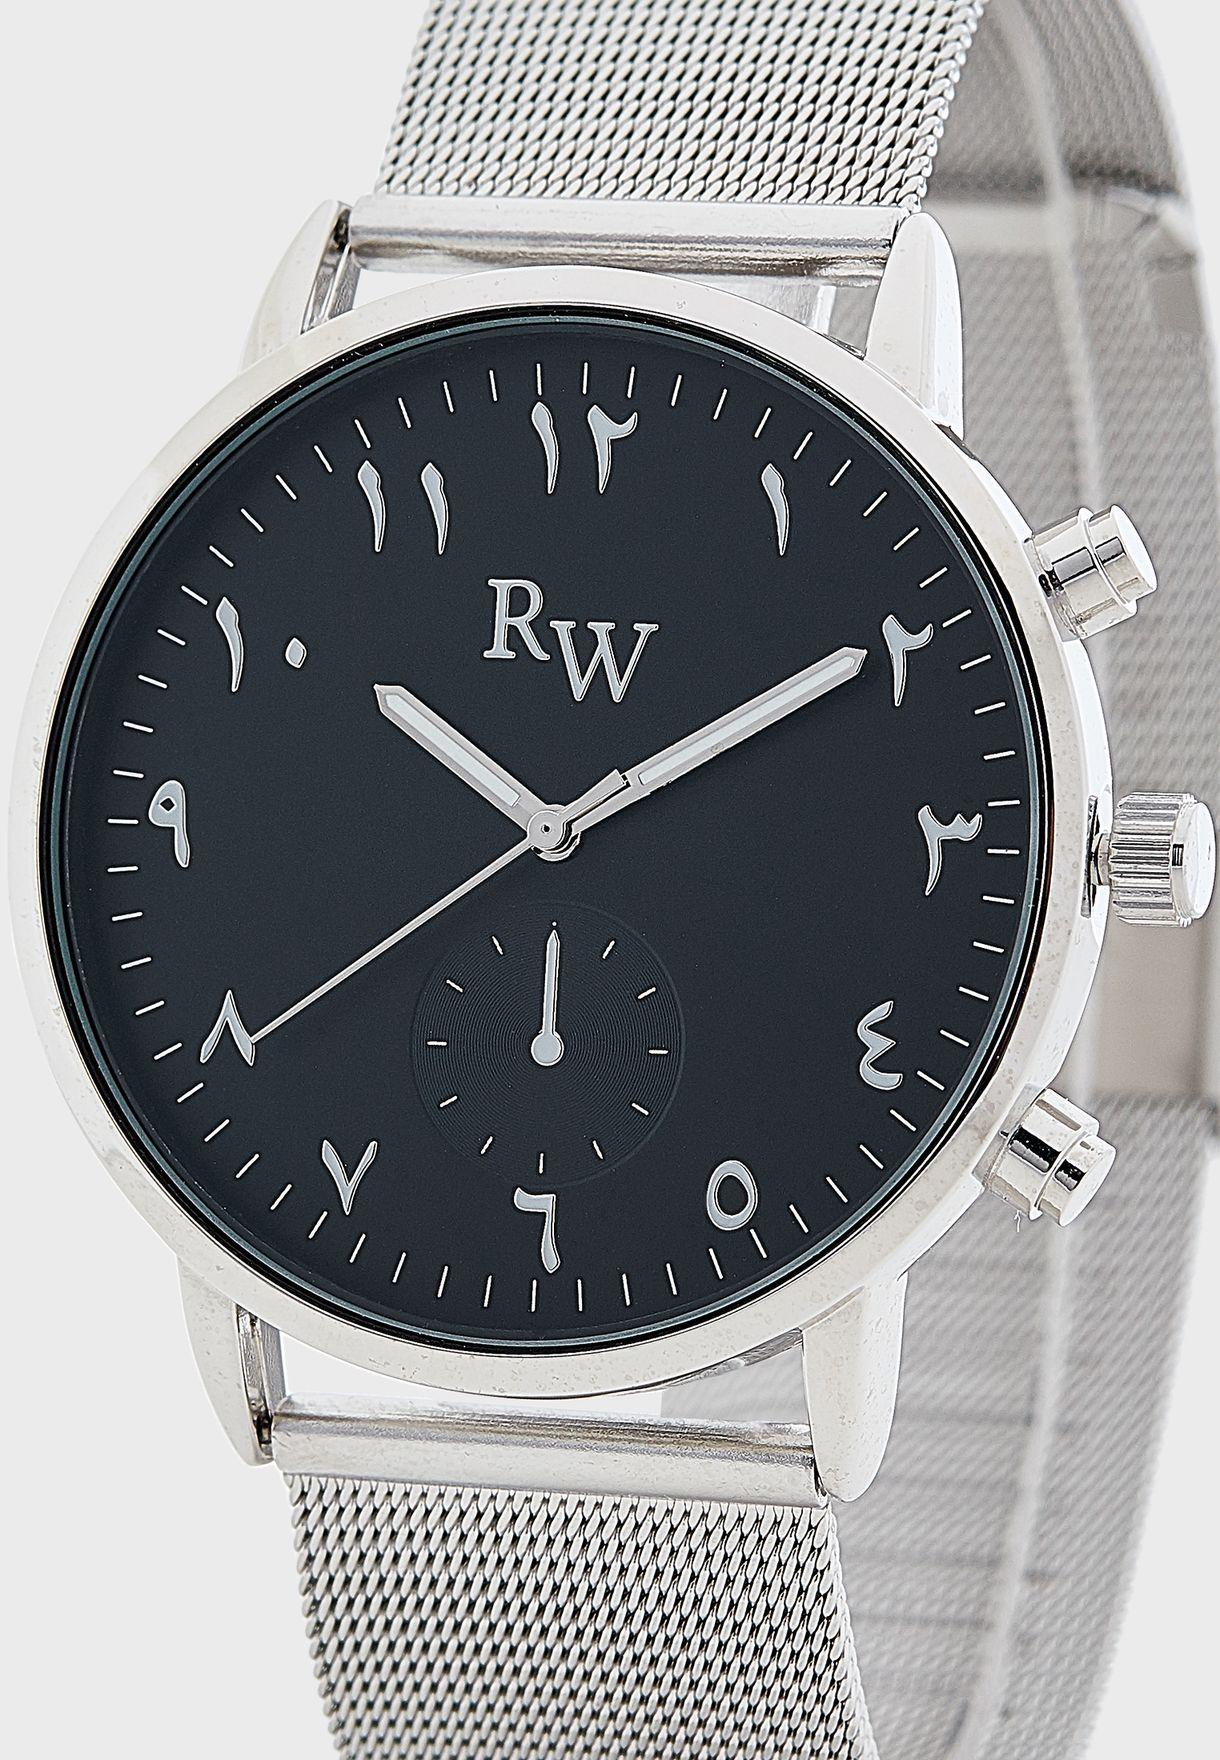 ساعة انالوج بأرقام عربية